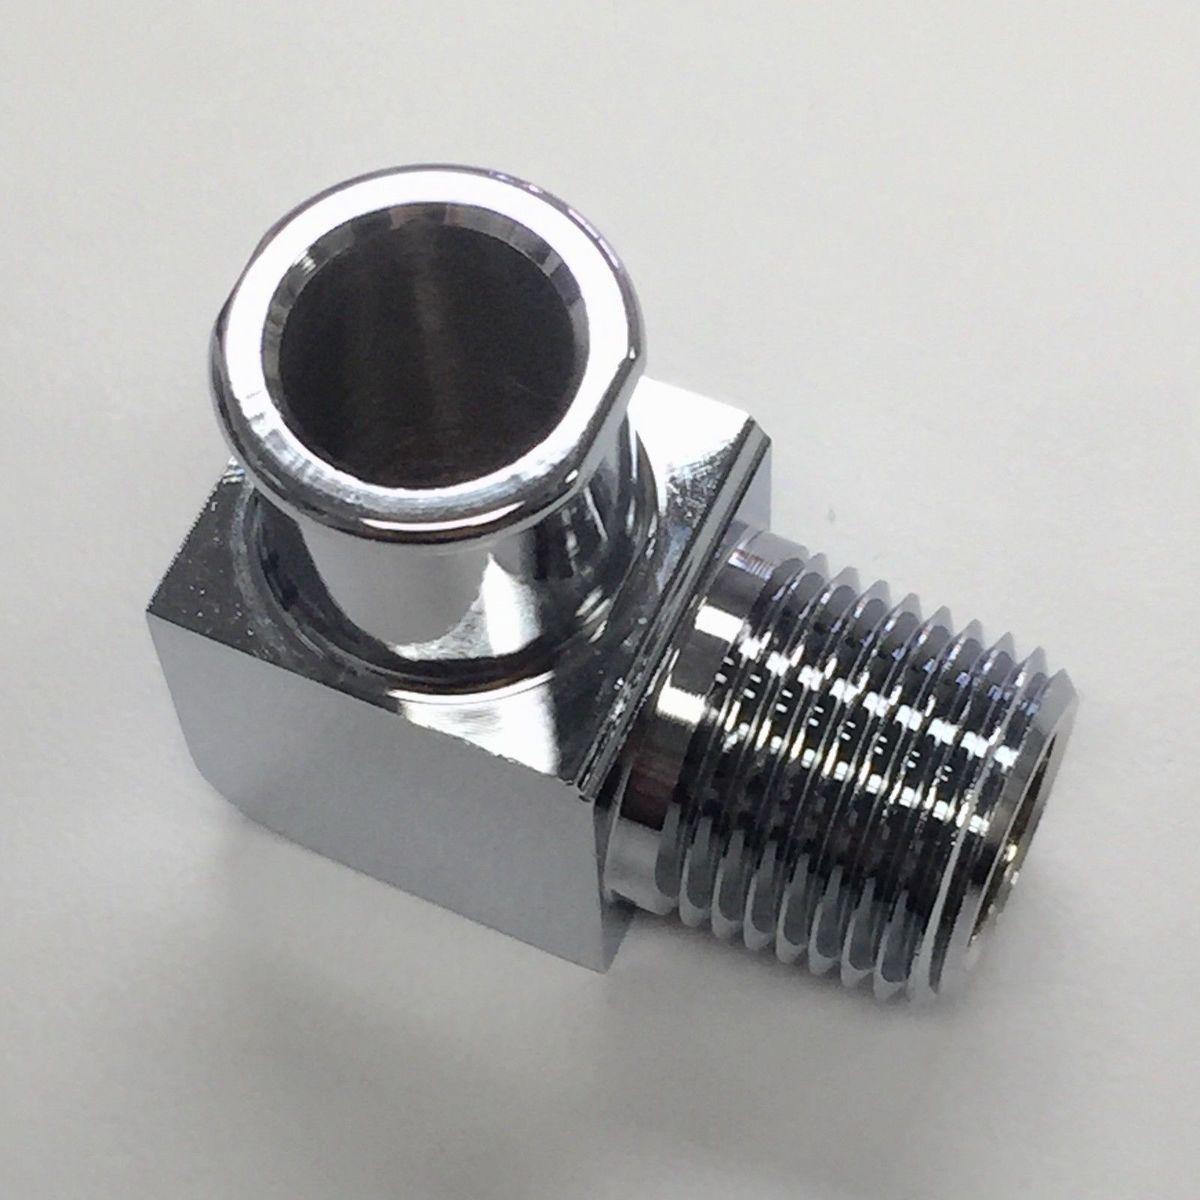 Hot Rod Chrome Aluminum 90 Deg Heater Hose Fitting 3/4